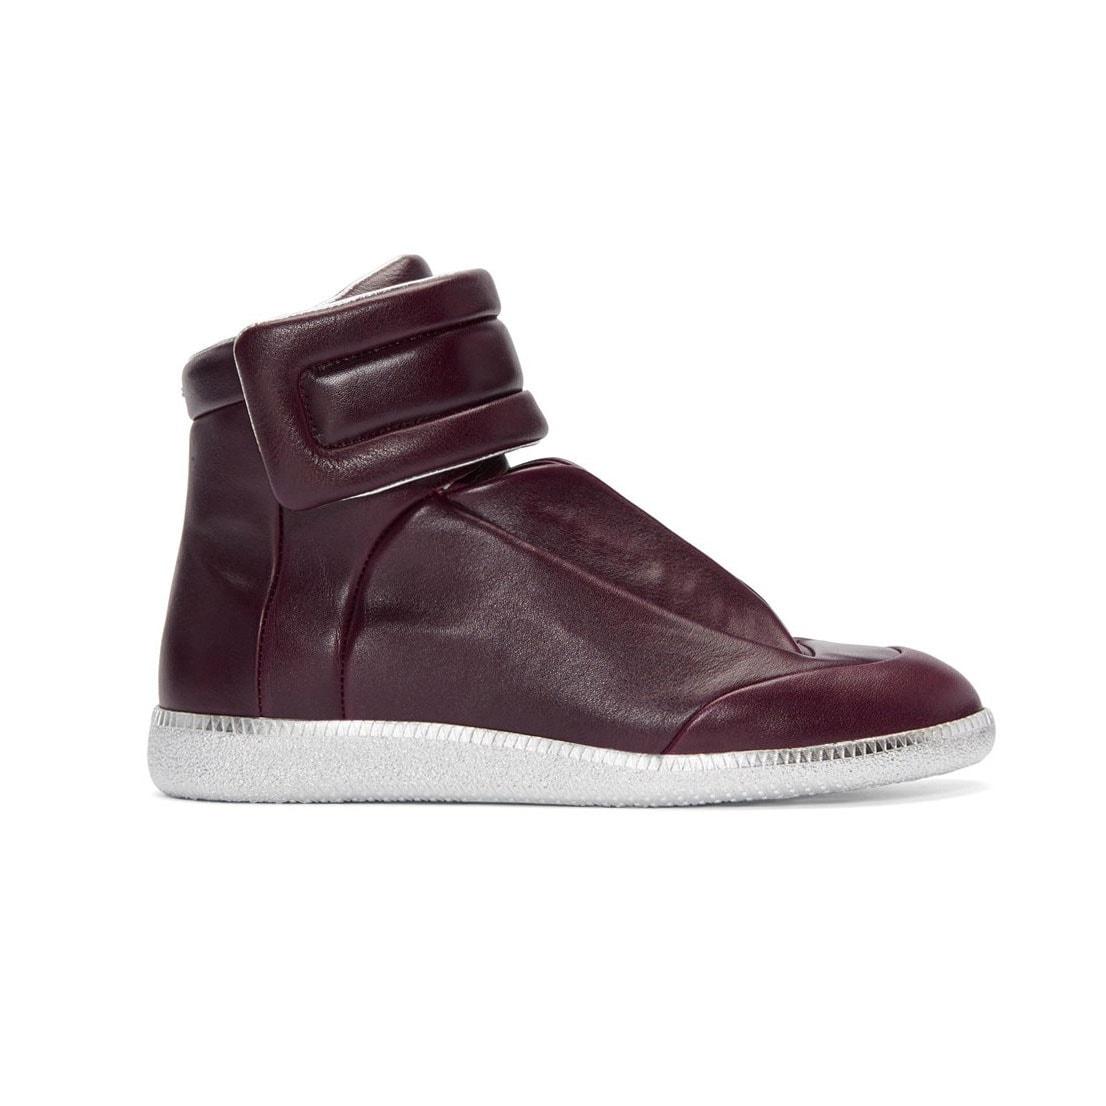 Maison Margiela Future High Top Sneaker